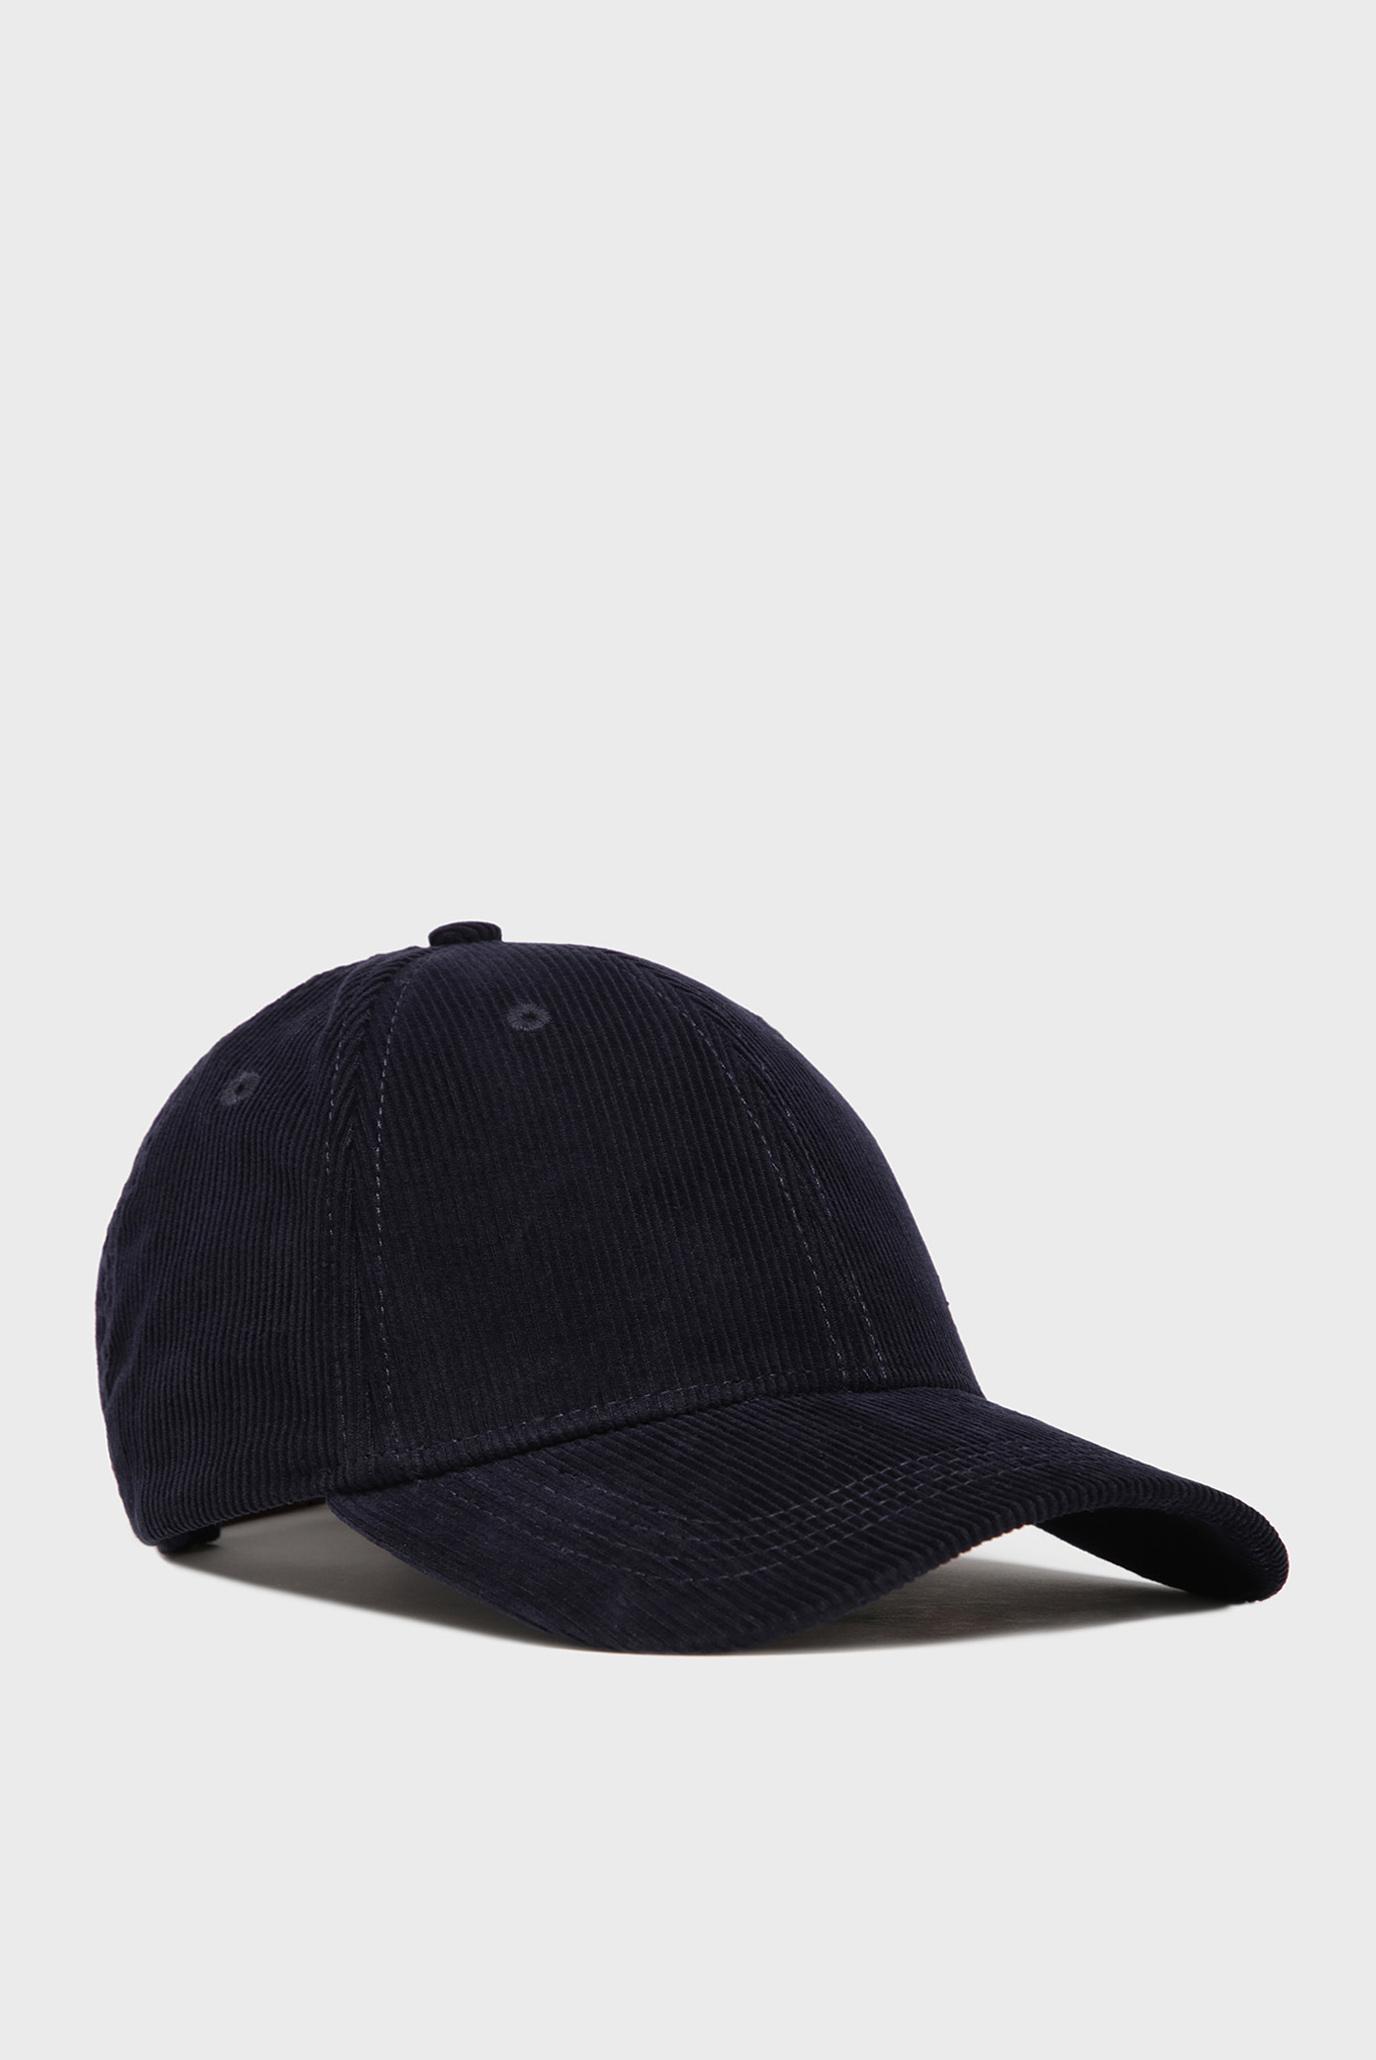 Мужская темно-синяя вельветовая кепка D1. CORDUROY Gant